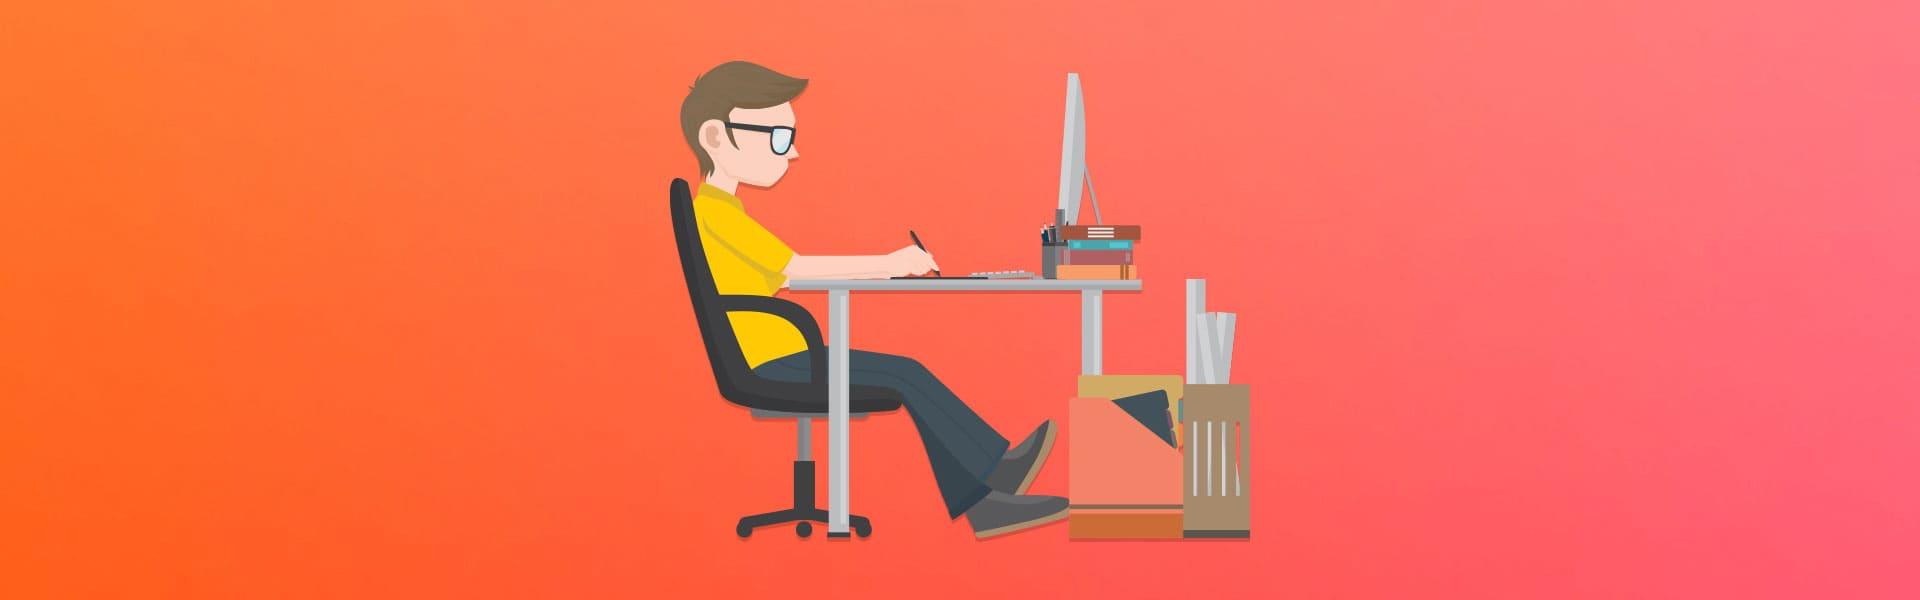 Время для редизайна вашего сайта